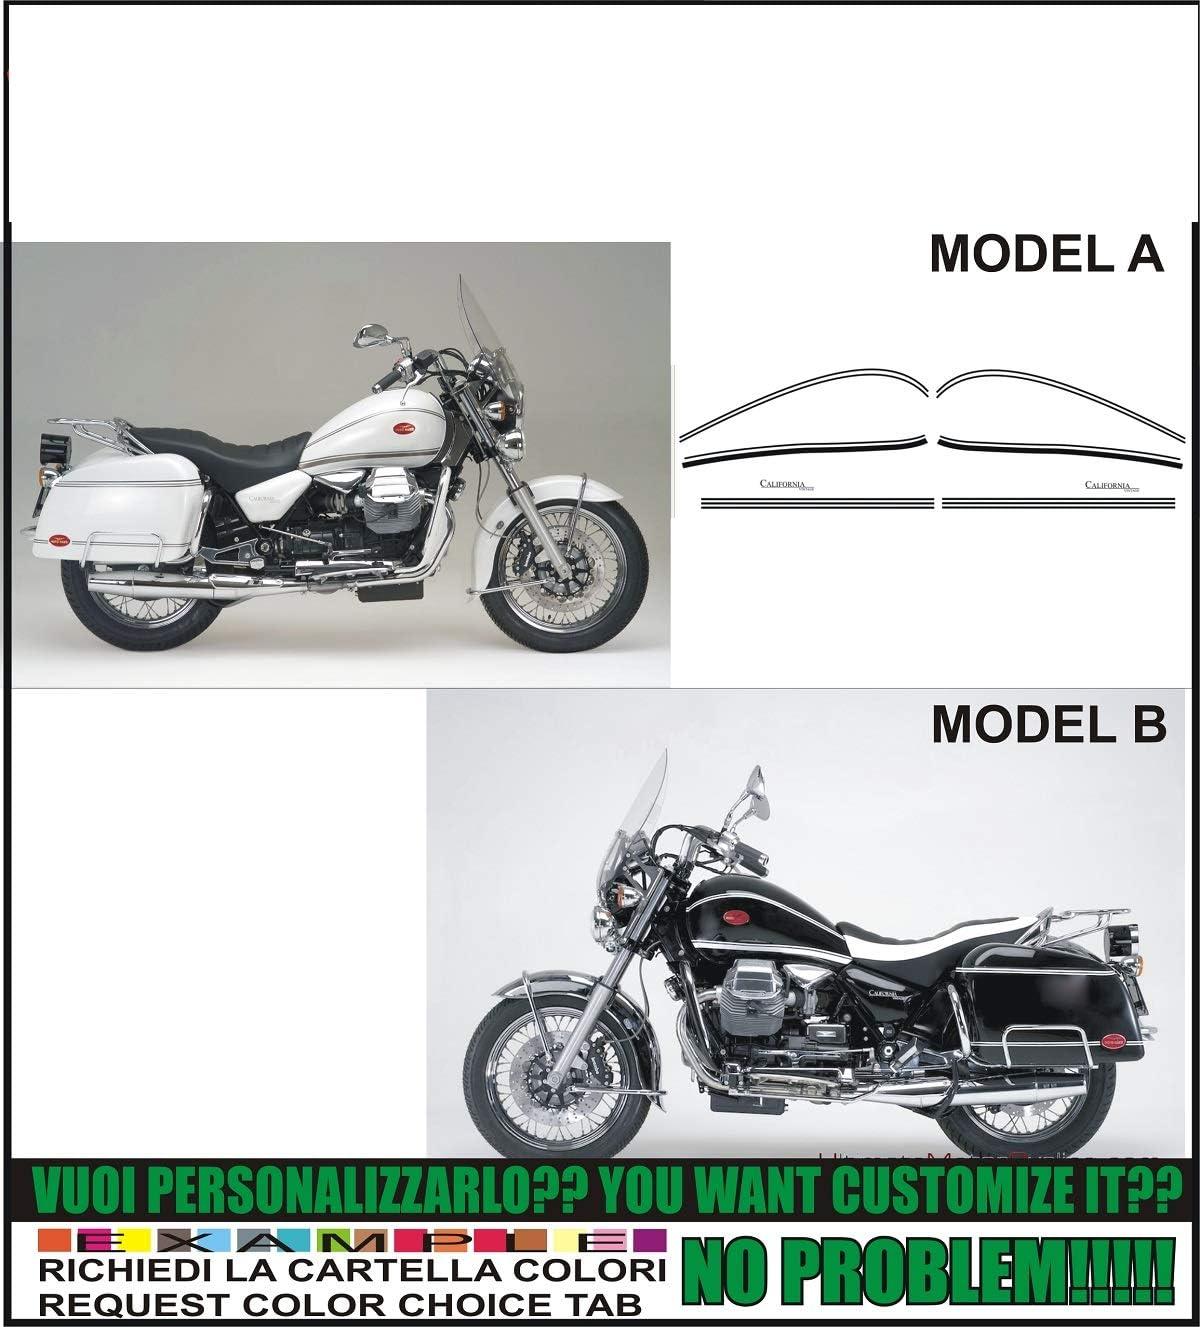 Kit adesivi decal stikers MOTO GUZZI CALIFORNIA 2 v1000 INDICARE IL MODELLO A o B